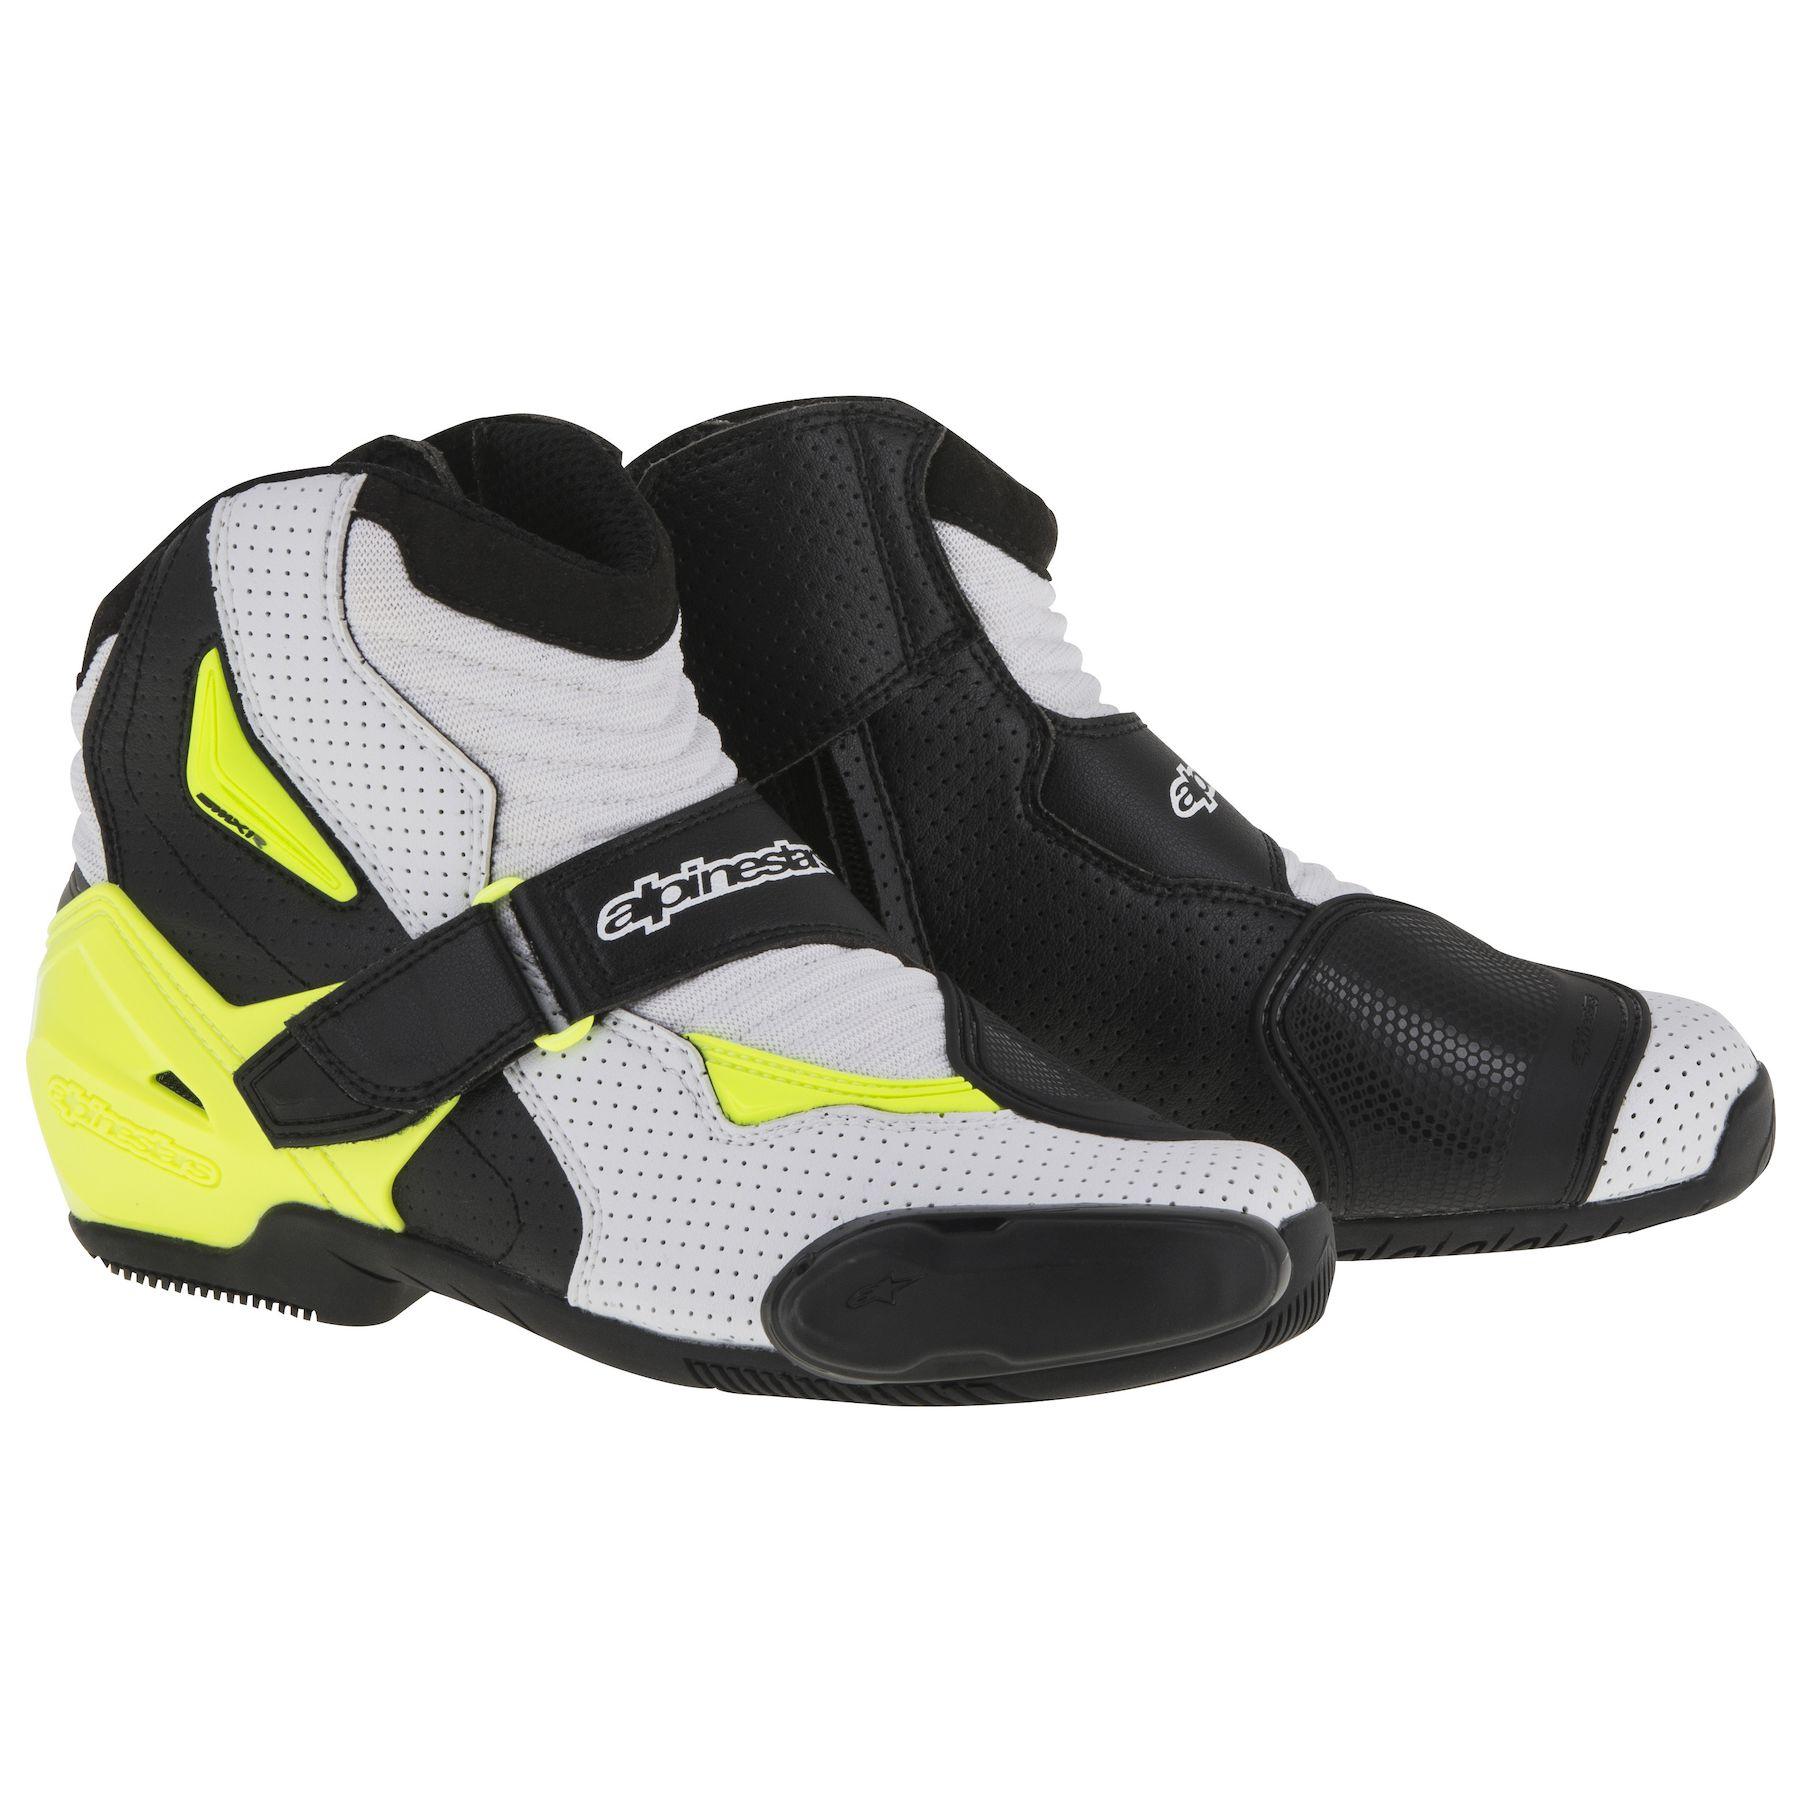 Topánky SMX-1 R Vented, ALPINESTARS (čierne/biele/žlté fluo,perforovaná koža)